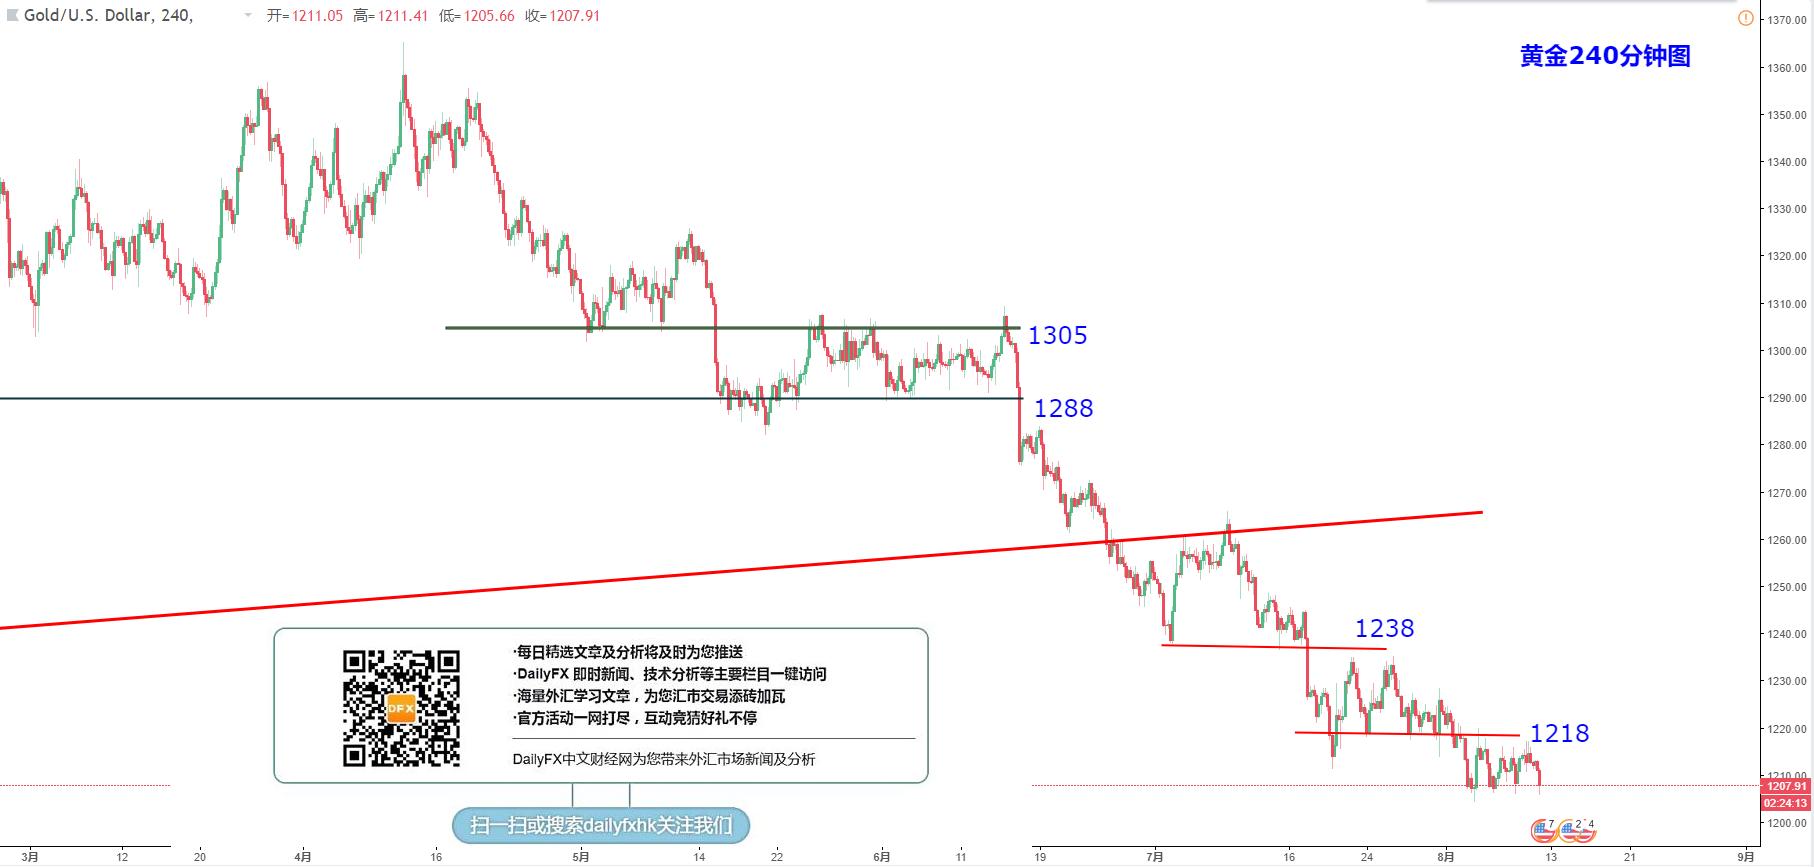 黄金/美元技术分析:继续关注1218-1200表现